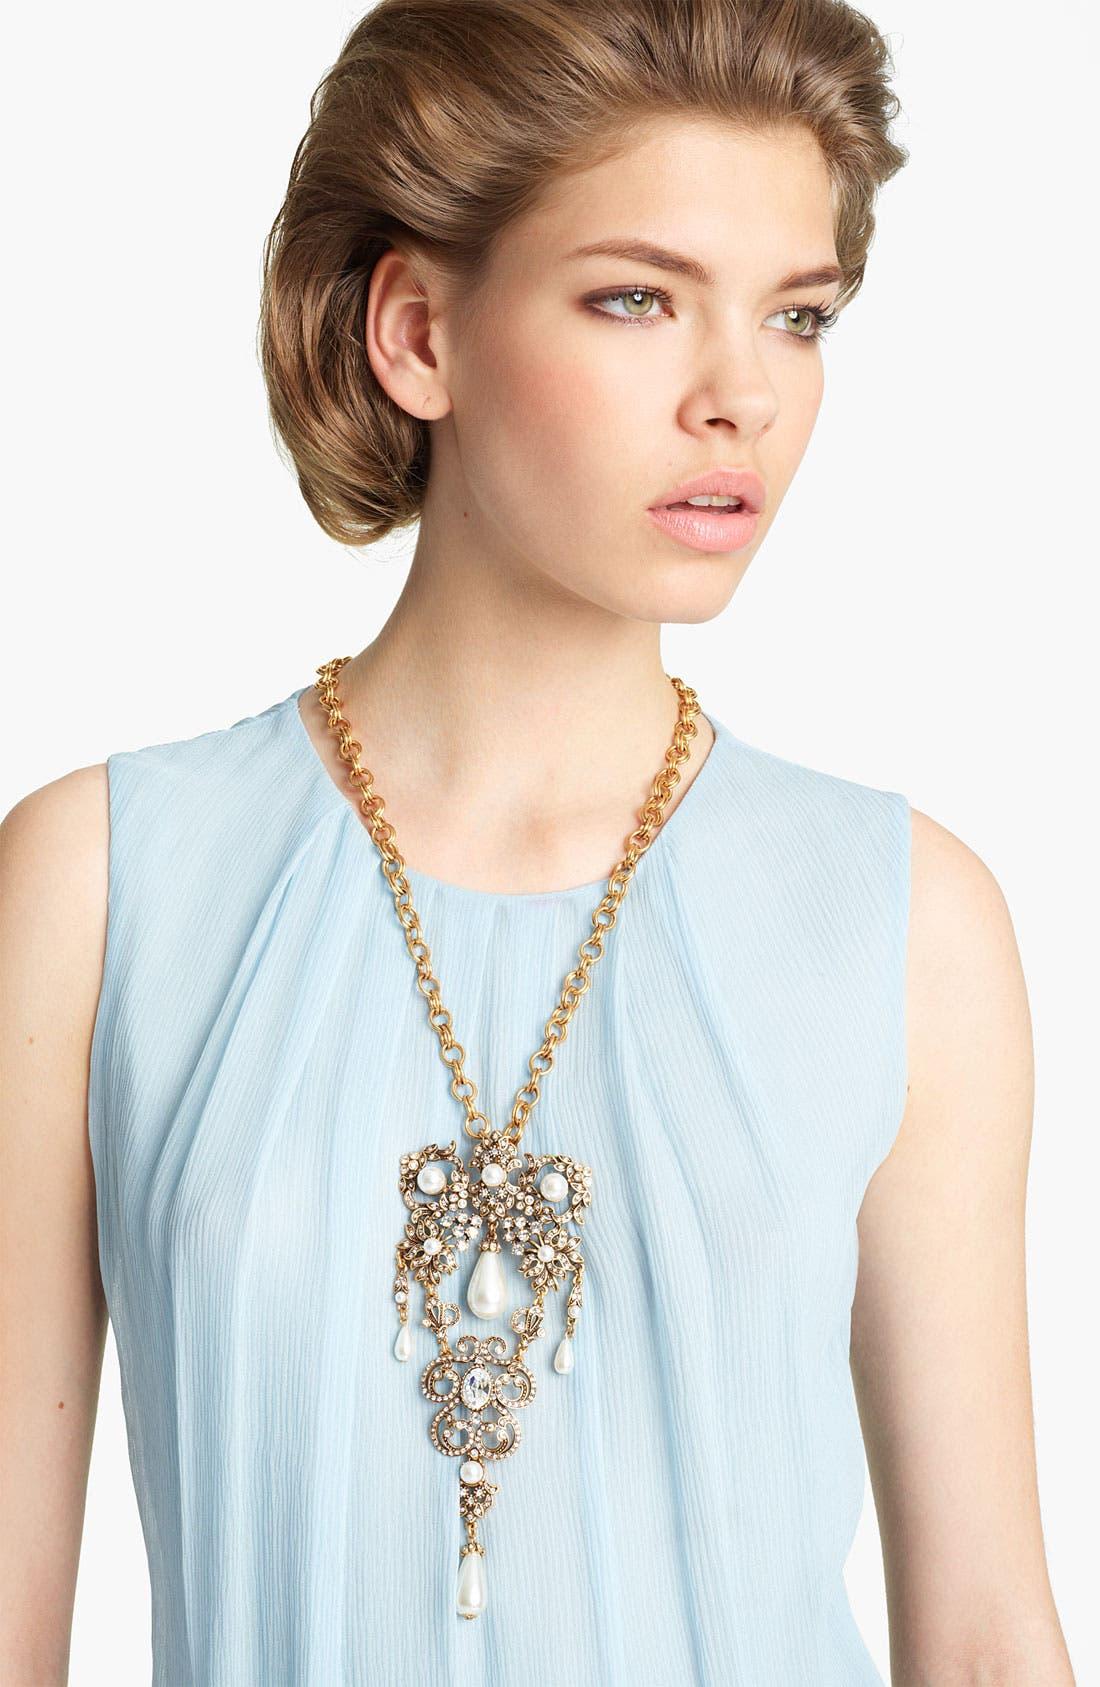 Main Image - Oscar de la Renta 'Baroque' Jeweled Brooch Necklace